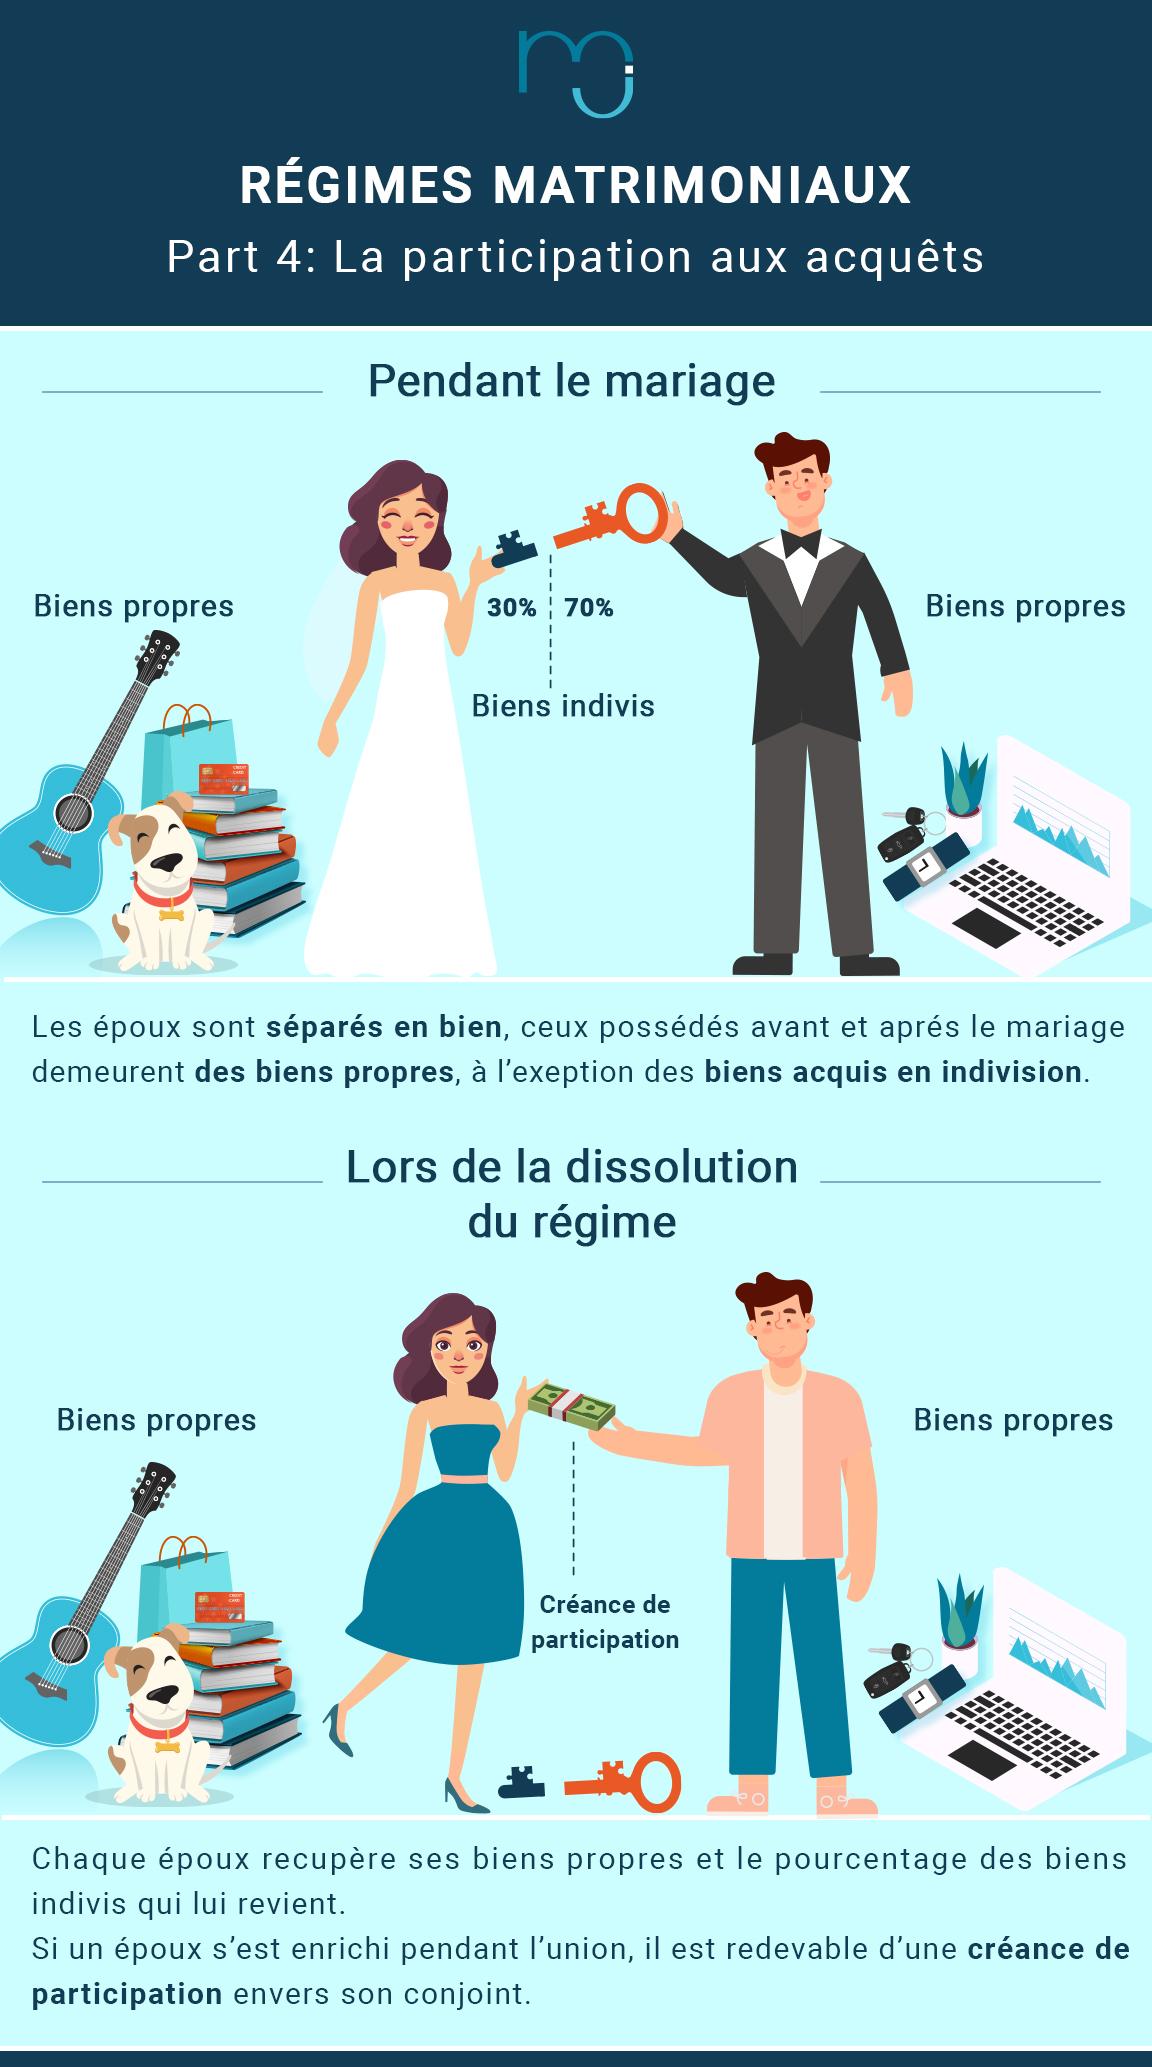 regime-matrimonial-la-participation-aux-acquets-jpg.jpg